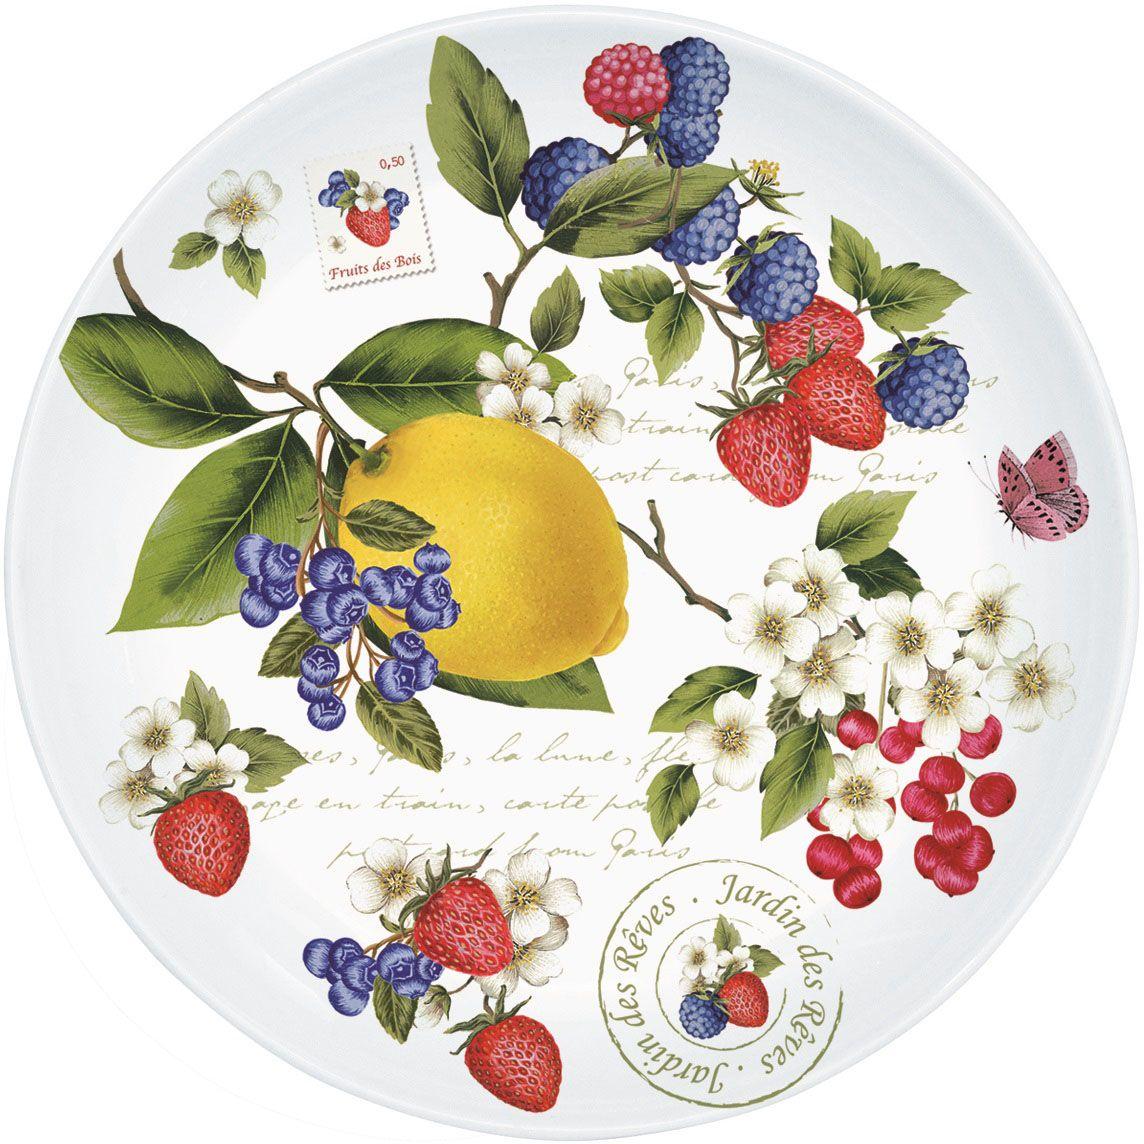 Десертная тарелка Nuova R2S Садовые ягоды, в подарочной упаковке, диаметр: 19 см324SEGRДесертная тарелка Садовые ягоды Д 19 см прекрасно подойдет в дополнение к кружке коллекции или как самостоятельный предмет посуды.